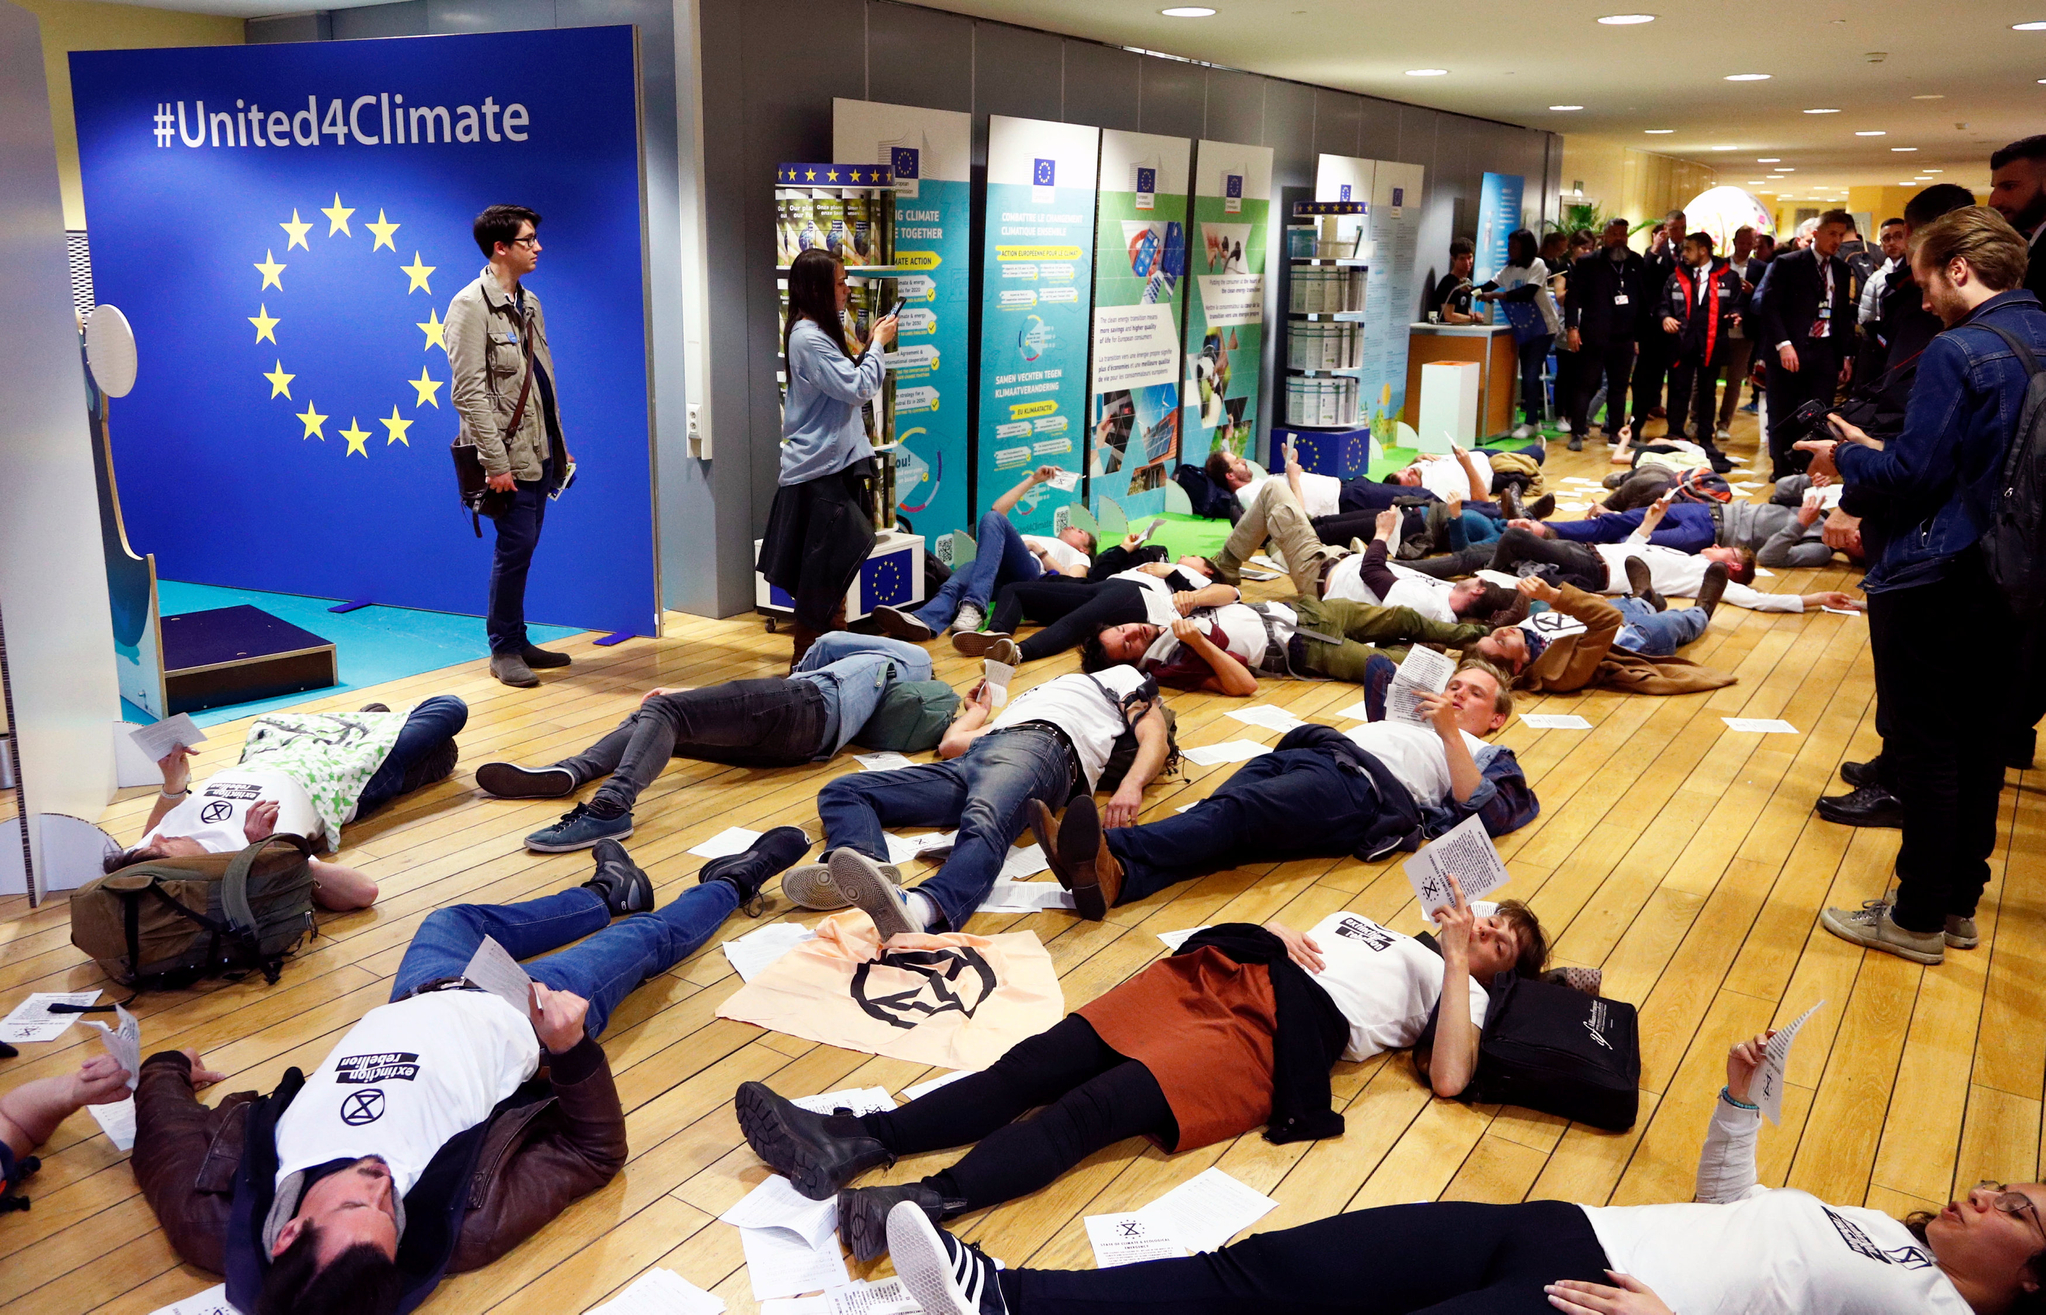 지난 4일(현지시간) 벨기에 브뤼셀에 위치한 EU(유럽연합)본부에서 EU(유럽연합) 집행위원회가 열린 첫날, 멸종저항' 회원들이 환경 문제에 대한 EU의 적극적인 행동을 촉구하기 위해 EU본부 건물 안 바닥에 누운 상태로 구호를 외치고 있다. [로이터=연합뉴스]